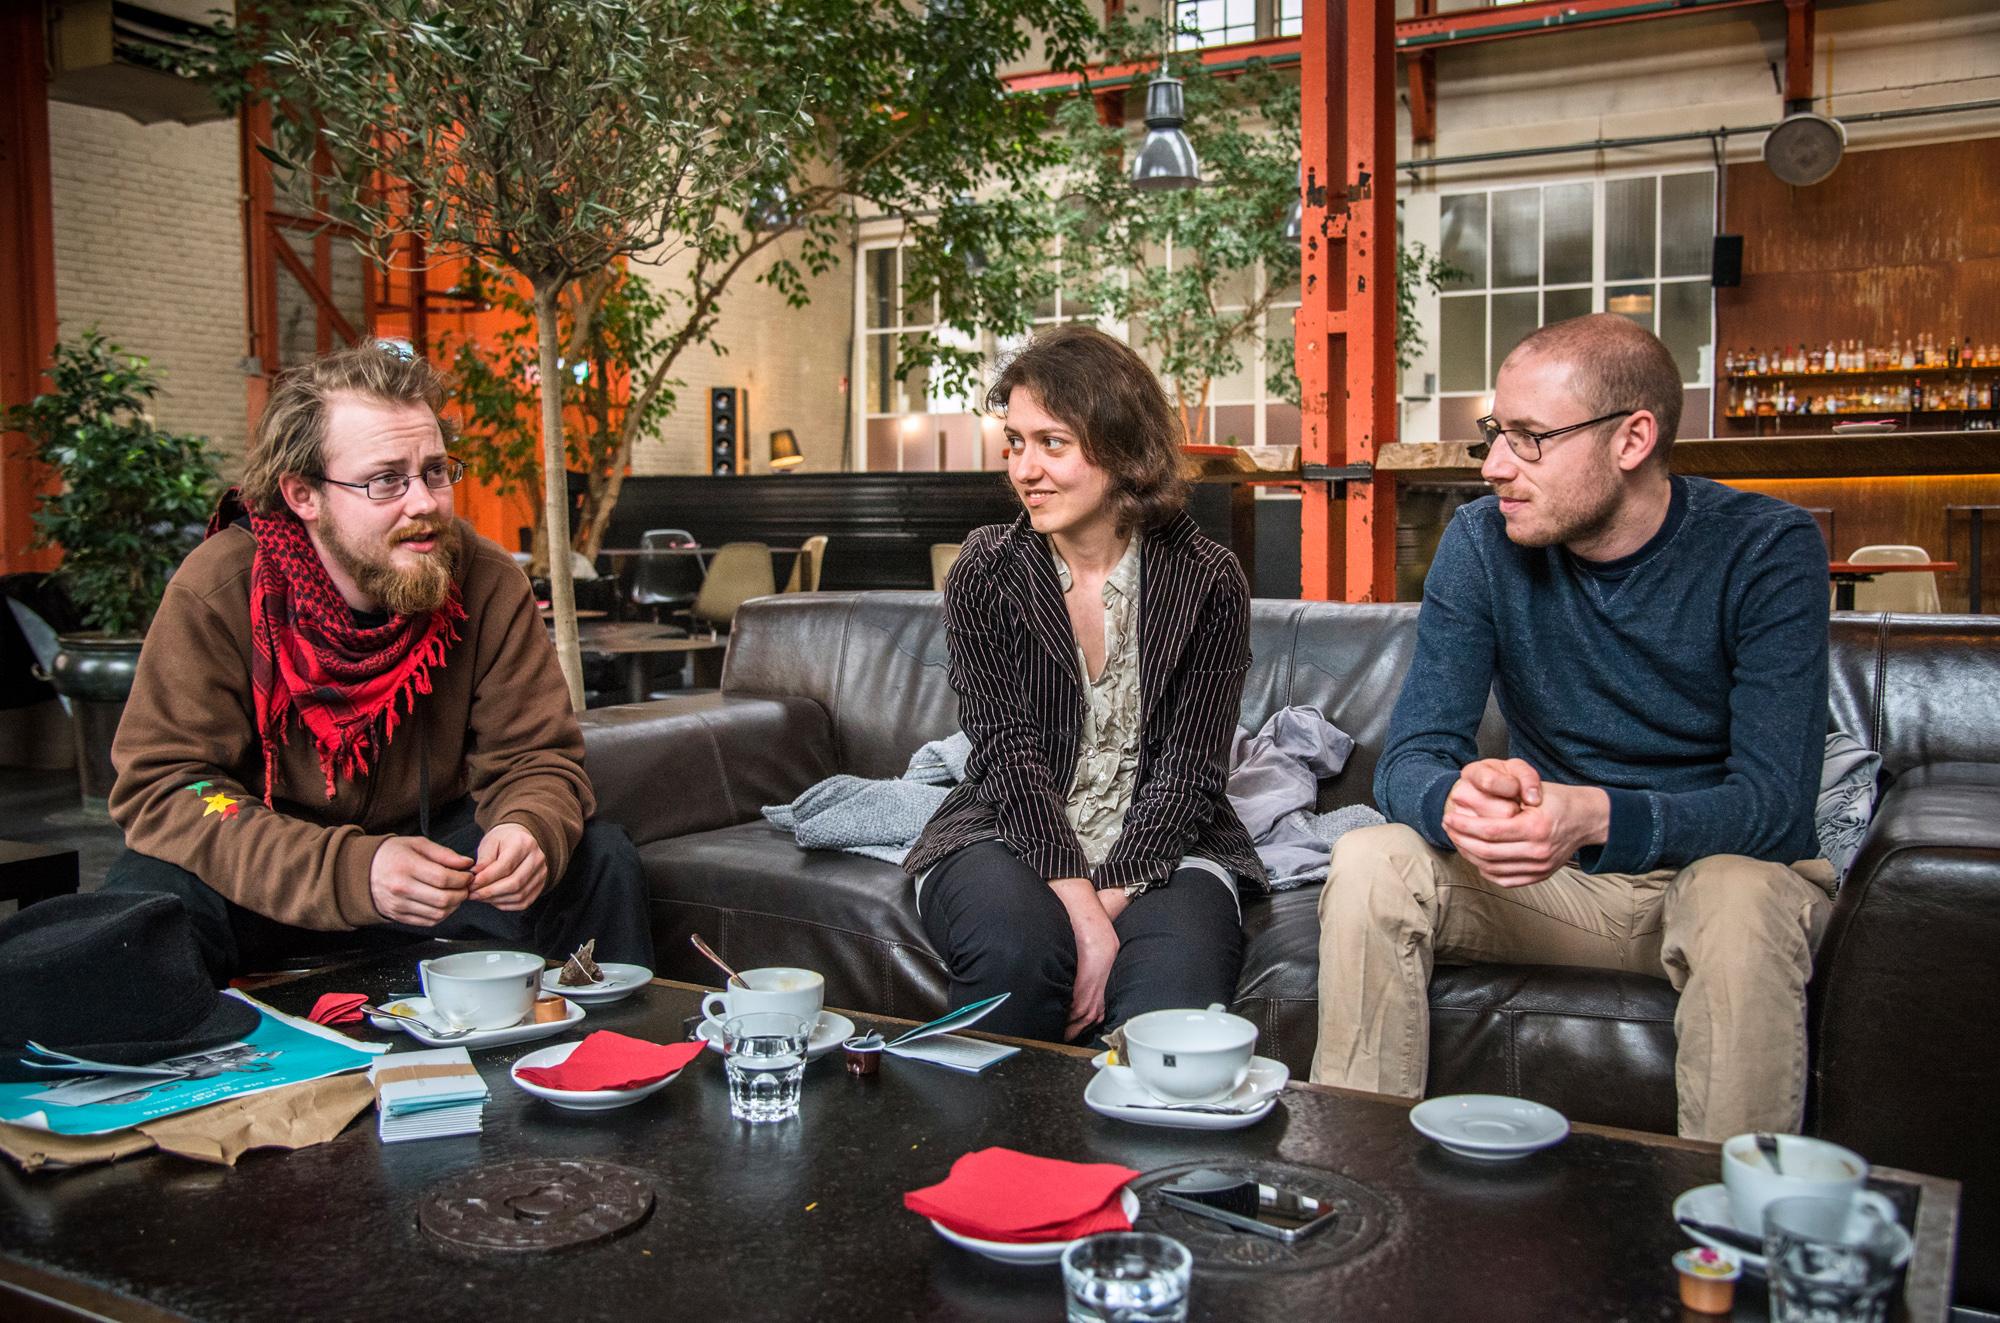 Kaspar Rechsteiner, Katharina Good und Andreas Weber (v.l.n.r.): «Wissenschaft ermöglicht uns vieles ─ unter anderem auch die Zerstörung des Planeten, auf dem wir alle wohnen.»